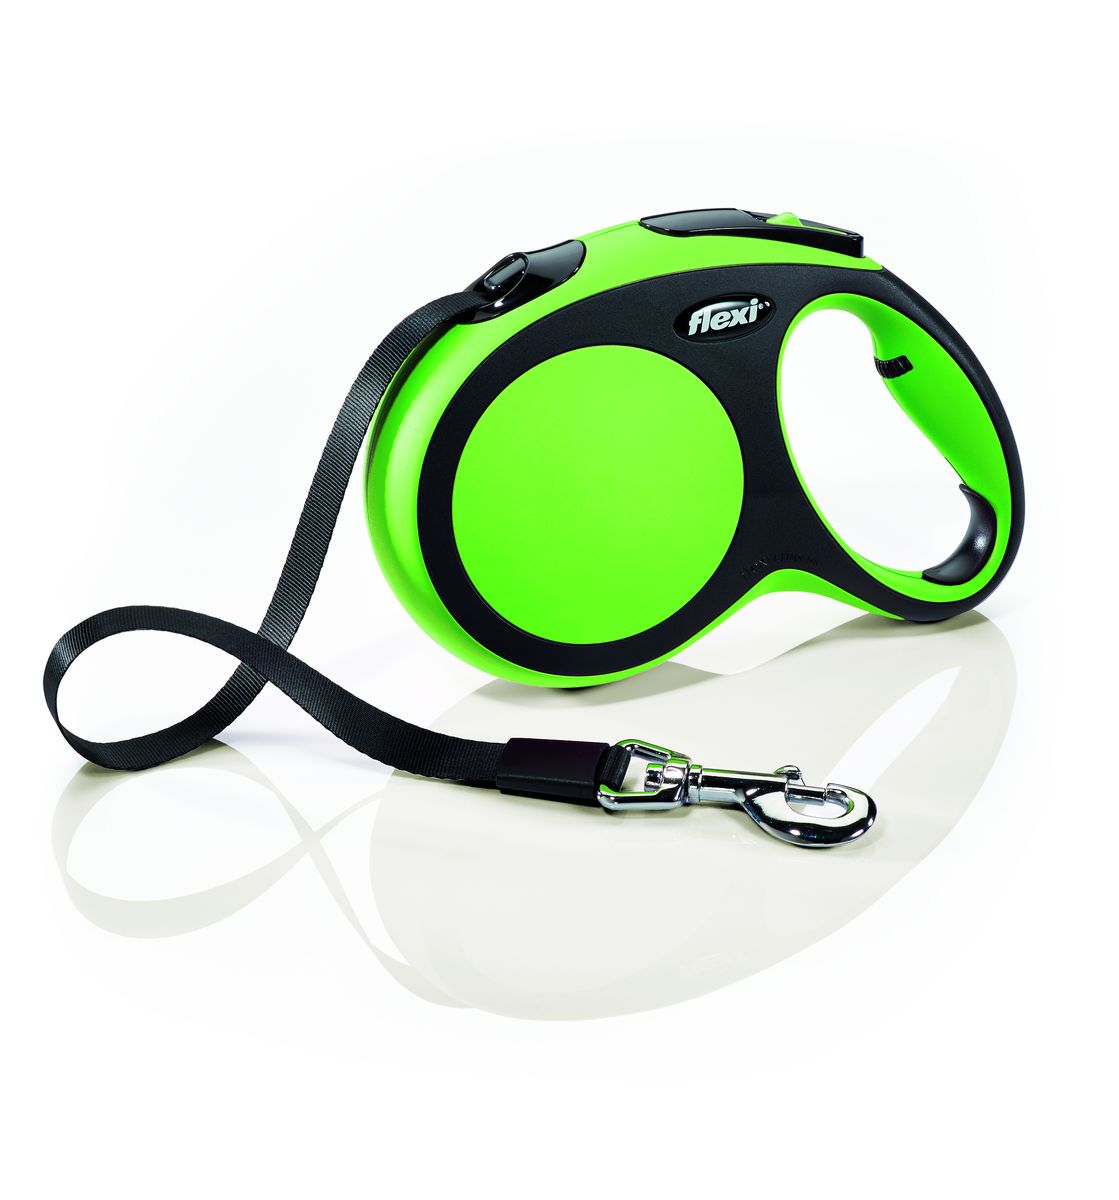 Поводок-рулетка Flexi New Comfort L, лента, для собак весом до 60 кг, цвет: черный, зеленый, 5 м28322Ленточный поводок-рулетка обеспечивает собаке свободу движения, что идет на пользу здоровью и радует Вашего четвероногого друга. Рулетка очень проста в использовании. Оснащена кнопками кратковременной и постоянной фиксации. Рулетку можно оснастить - мультибоксом для лакомств или пакетиков для сбора фекалий, LED подсветкой корпуса.Прочный корпус, хромированная застежка и светоотражающие элементы.Лента поводка автоматически сматывается и поводок в процессе использования не провисает, не касается грунта и таким образом не пачкается и не перетирается. Поводок не нужно подбирать руками когда питомец подошел ближе, таким образом Ваши руки всегда чистые. На рукоятке имеется регулировка размера для адаптации под размер рукиМаксимальный вес питомца: 60 кгДлина: 5 м